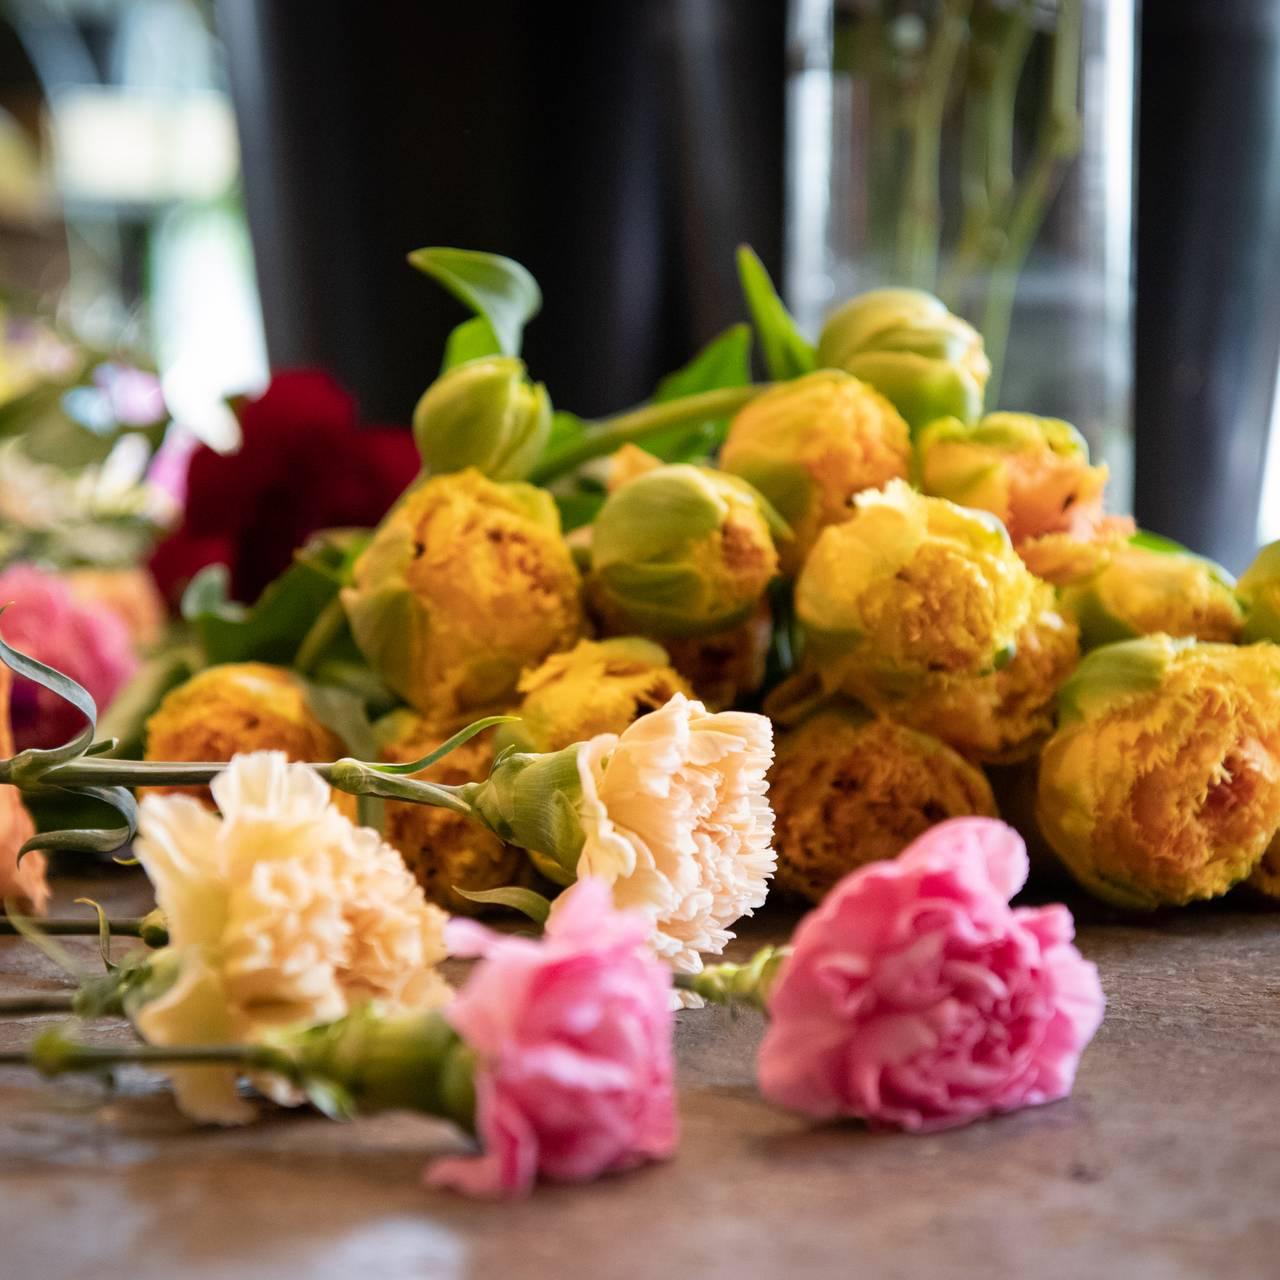 Blomster på bord, tulipaner, nellik, roser